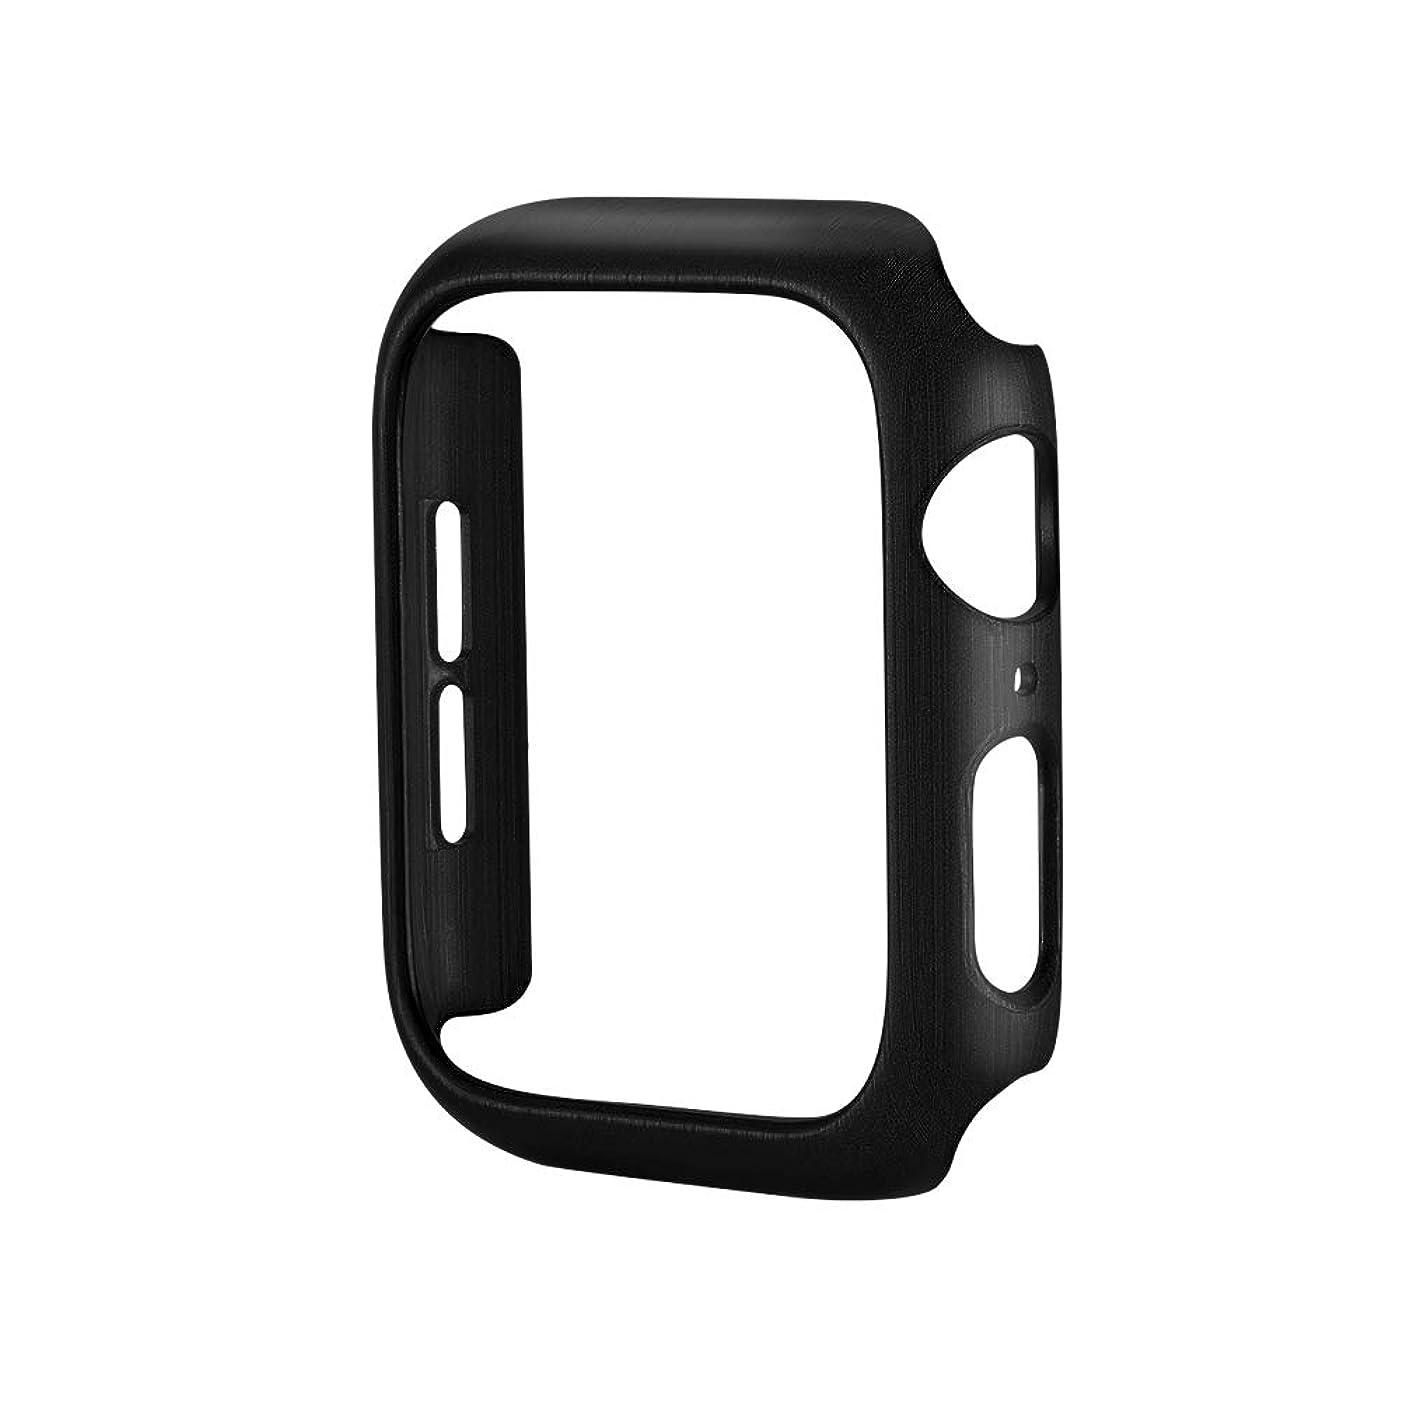 リーン失敗農夫Apple Watchケース用のPCカバー40mm、44mm、耐衝撃性および耐スクラッチケースカバープロテクターバンパーフレーム保護カバーiWatchシリーズ4用シェル (40mm, 黒)